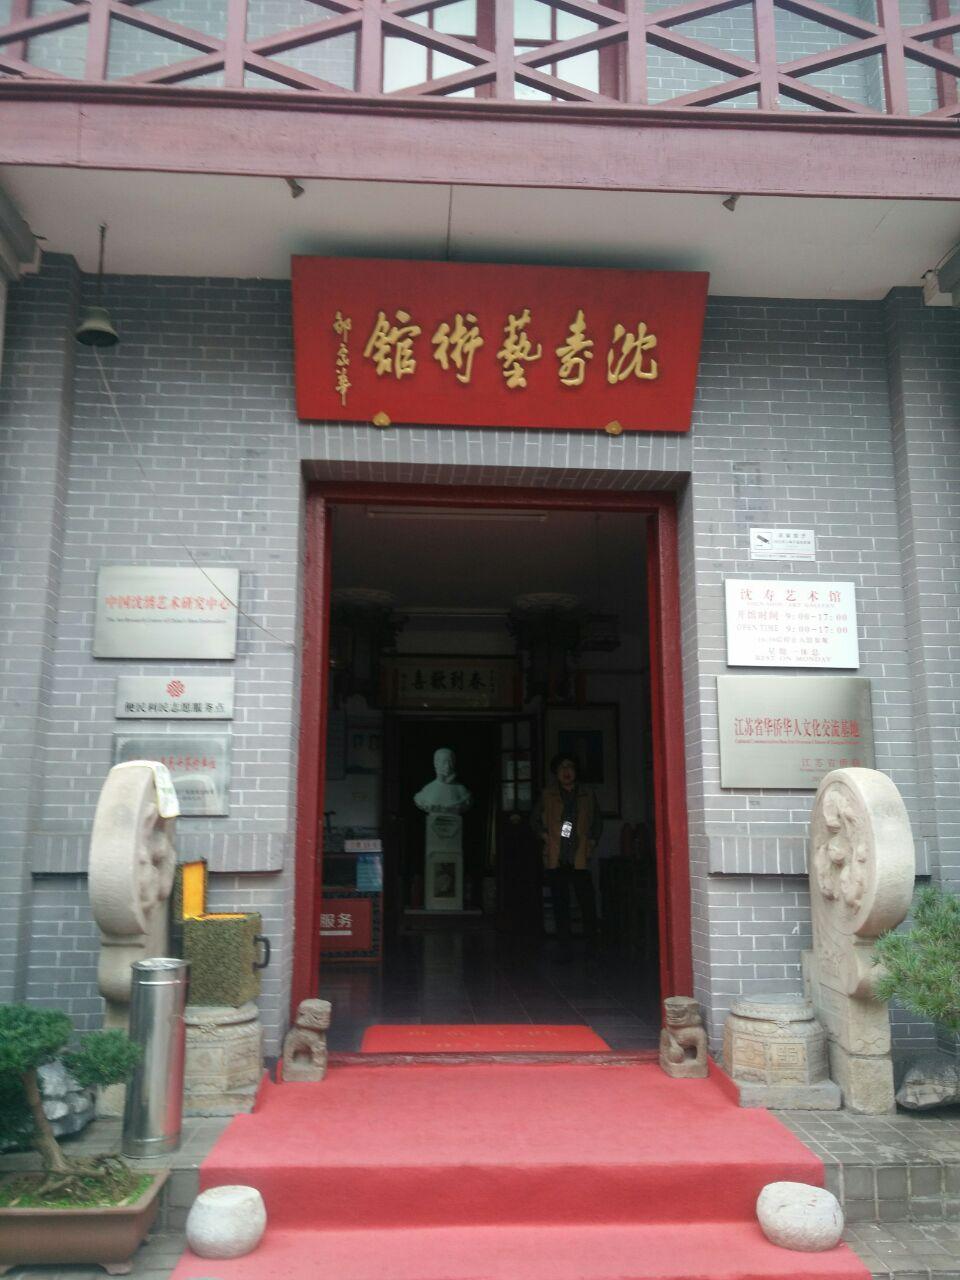 南通沈寿艺术馆好玩吗,南通沈寿艺术馆景点怎么样